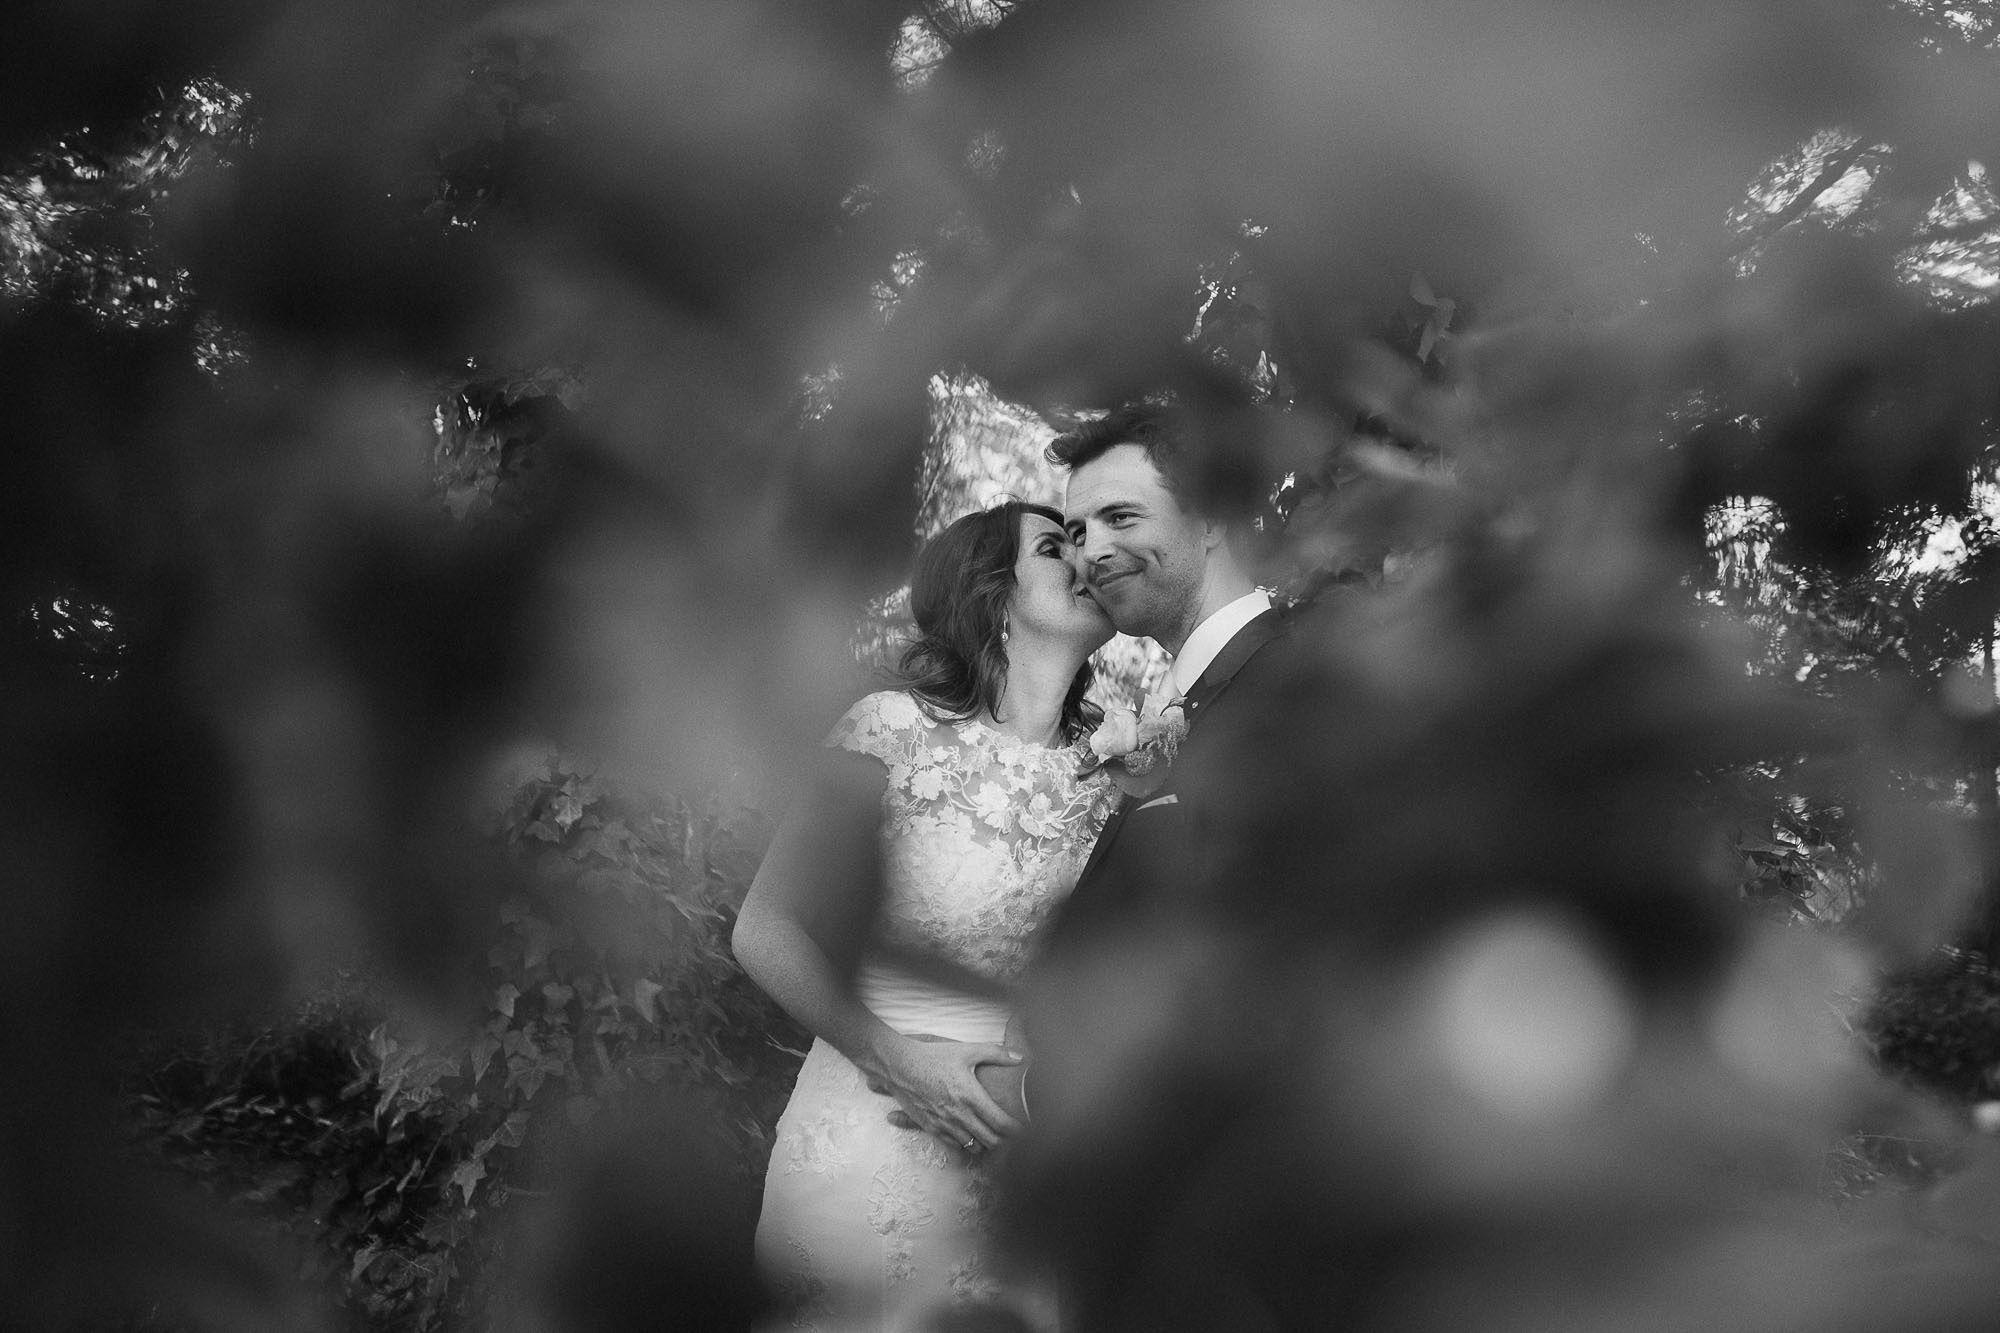 Bruidsfotograaf-Sittard-journalistieke-bruidsfotografie-076.jpg